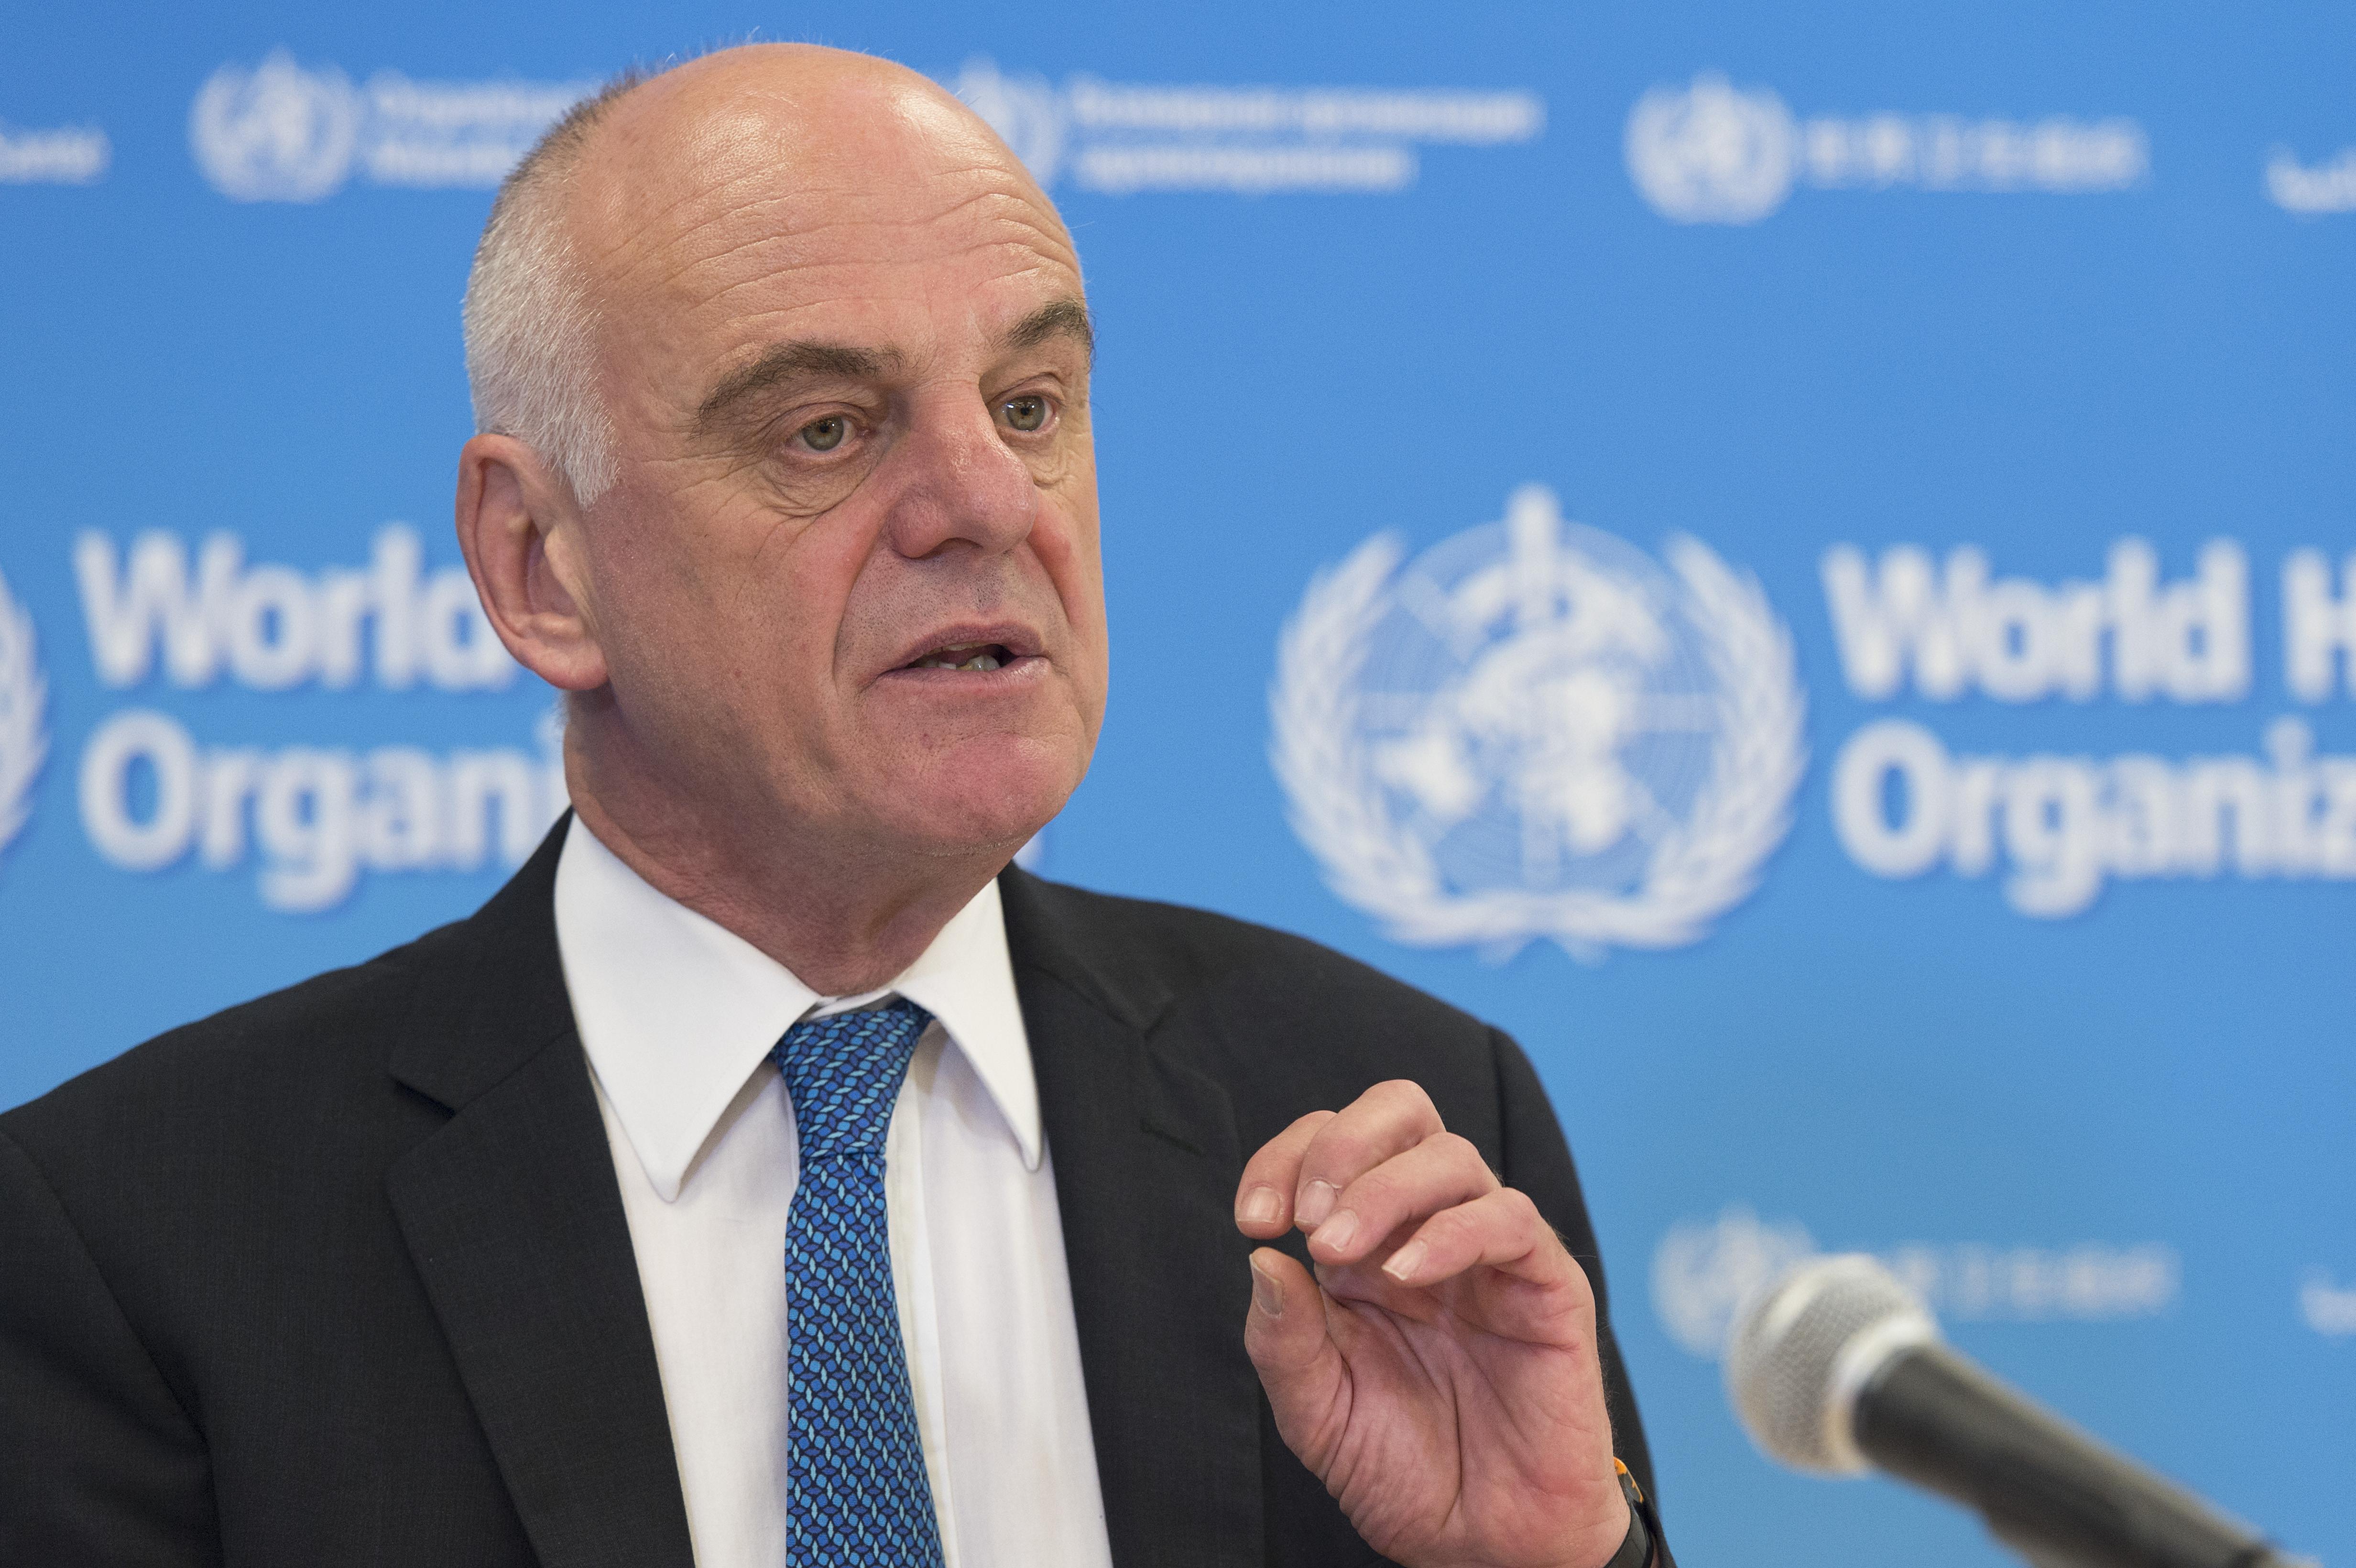 世界衛生組織,WHO,譚德塞,G-7,一中原則